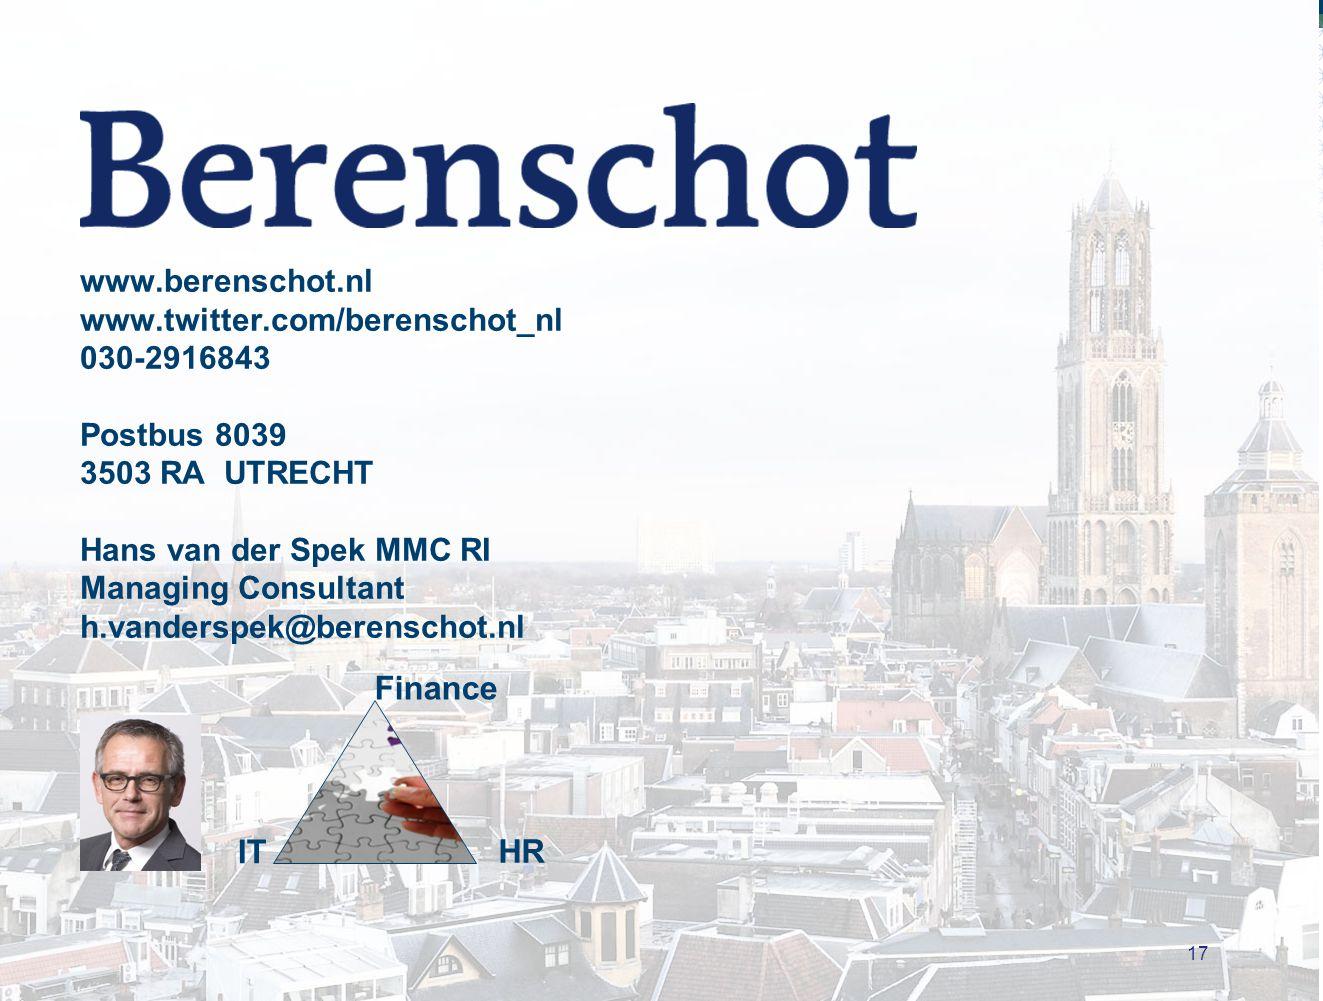 17 www.berenschot.nl www.twitter.com/berenschot_nl 030-2916843 Postbus 8039 3503 RA UTRECHT Hans van der Spek MMC RI Managing Consultant h.vanderspek@berenschot.nl Finance IT HR